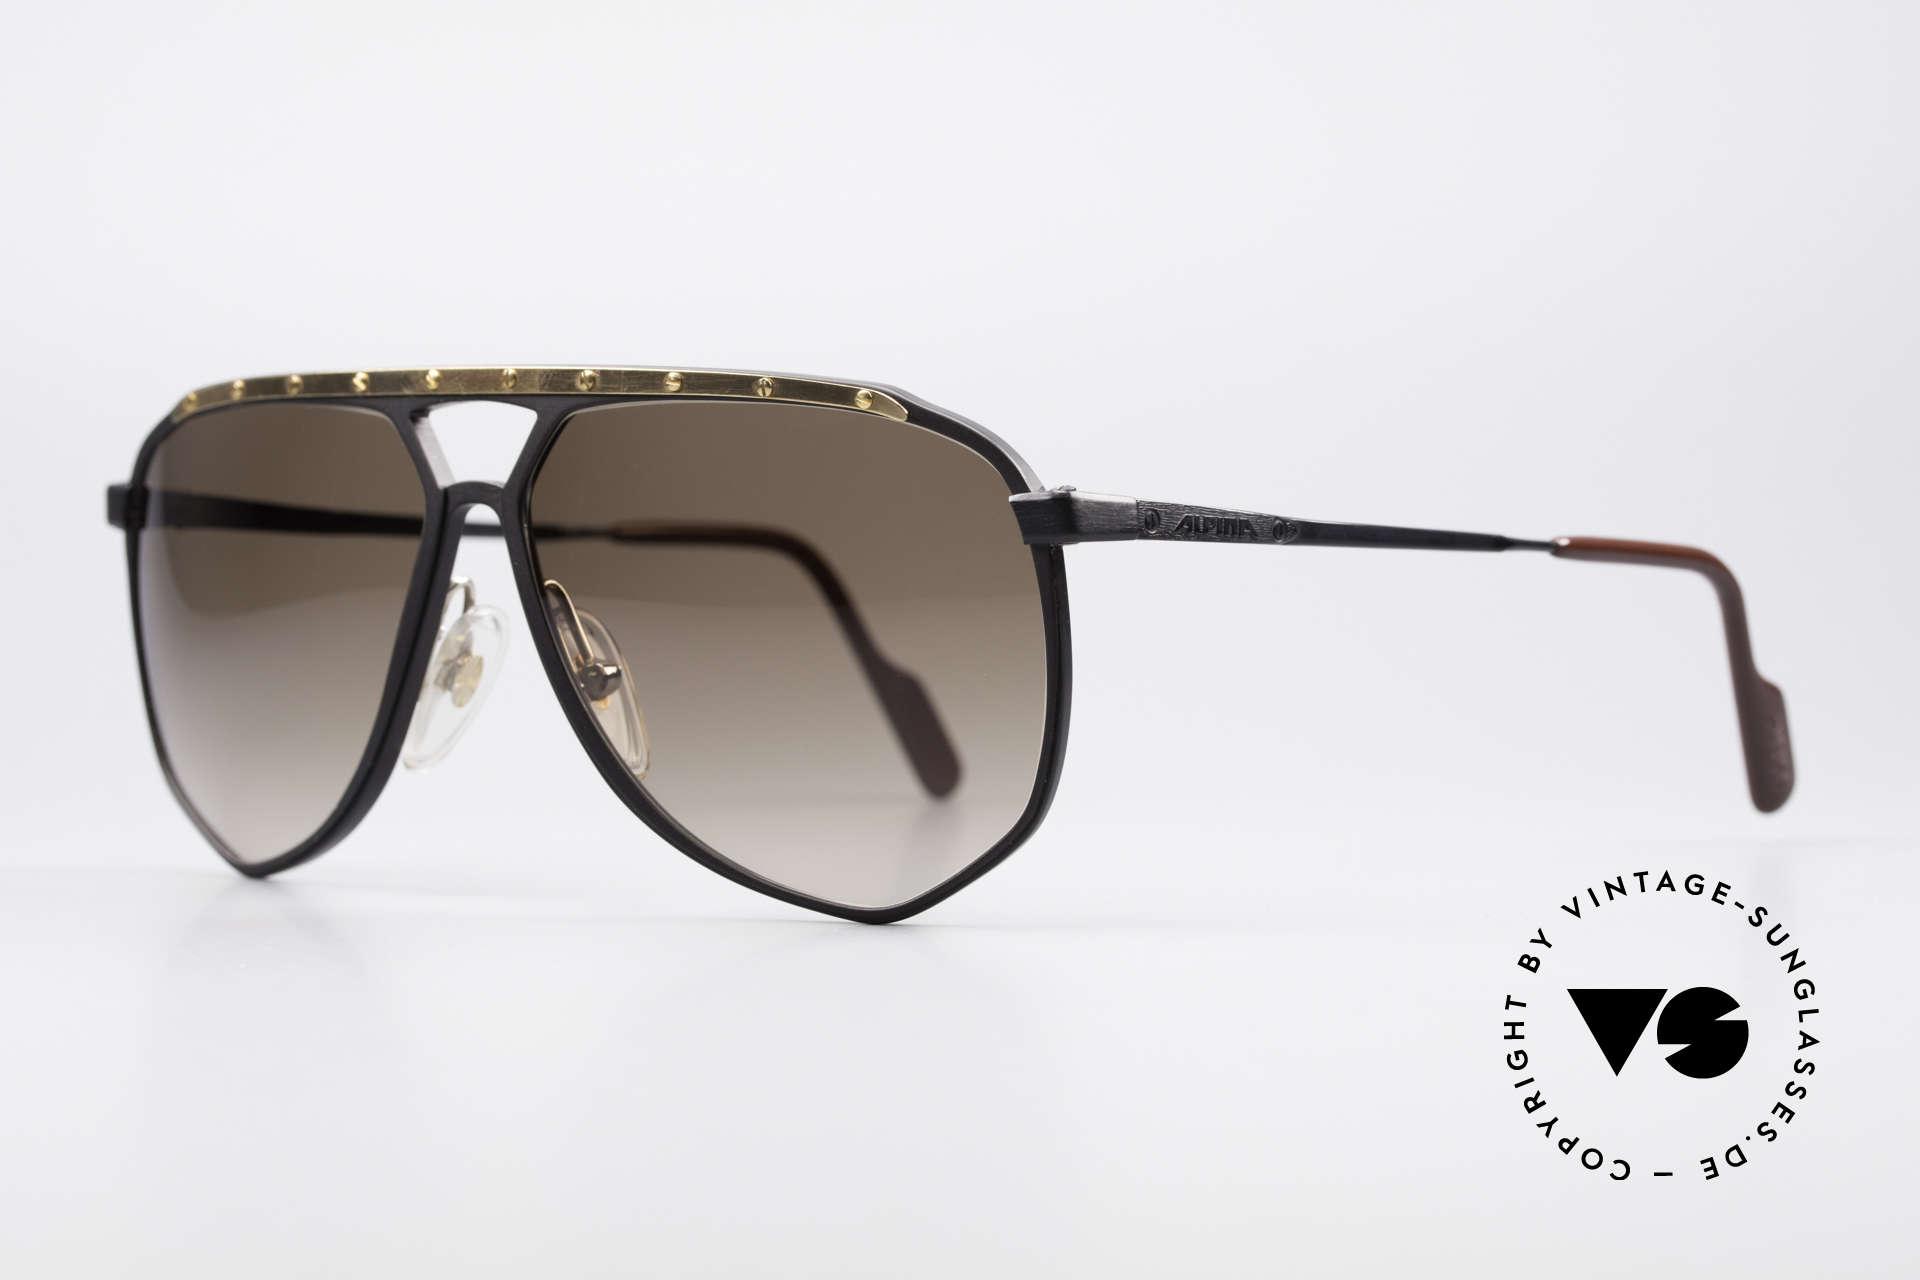 Alpina M1/4 Rare Vintage Sonnenbrille, absolute Rarität (Sammlerstück) mit Versace Etui, Passend für Herren